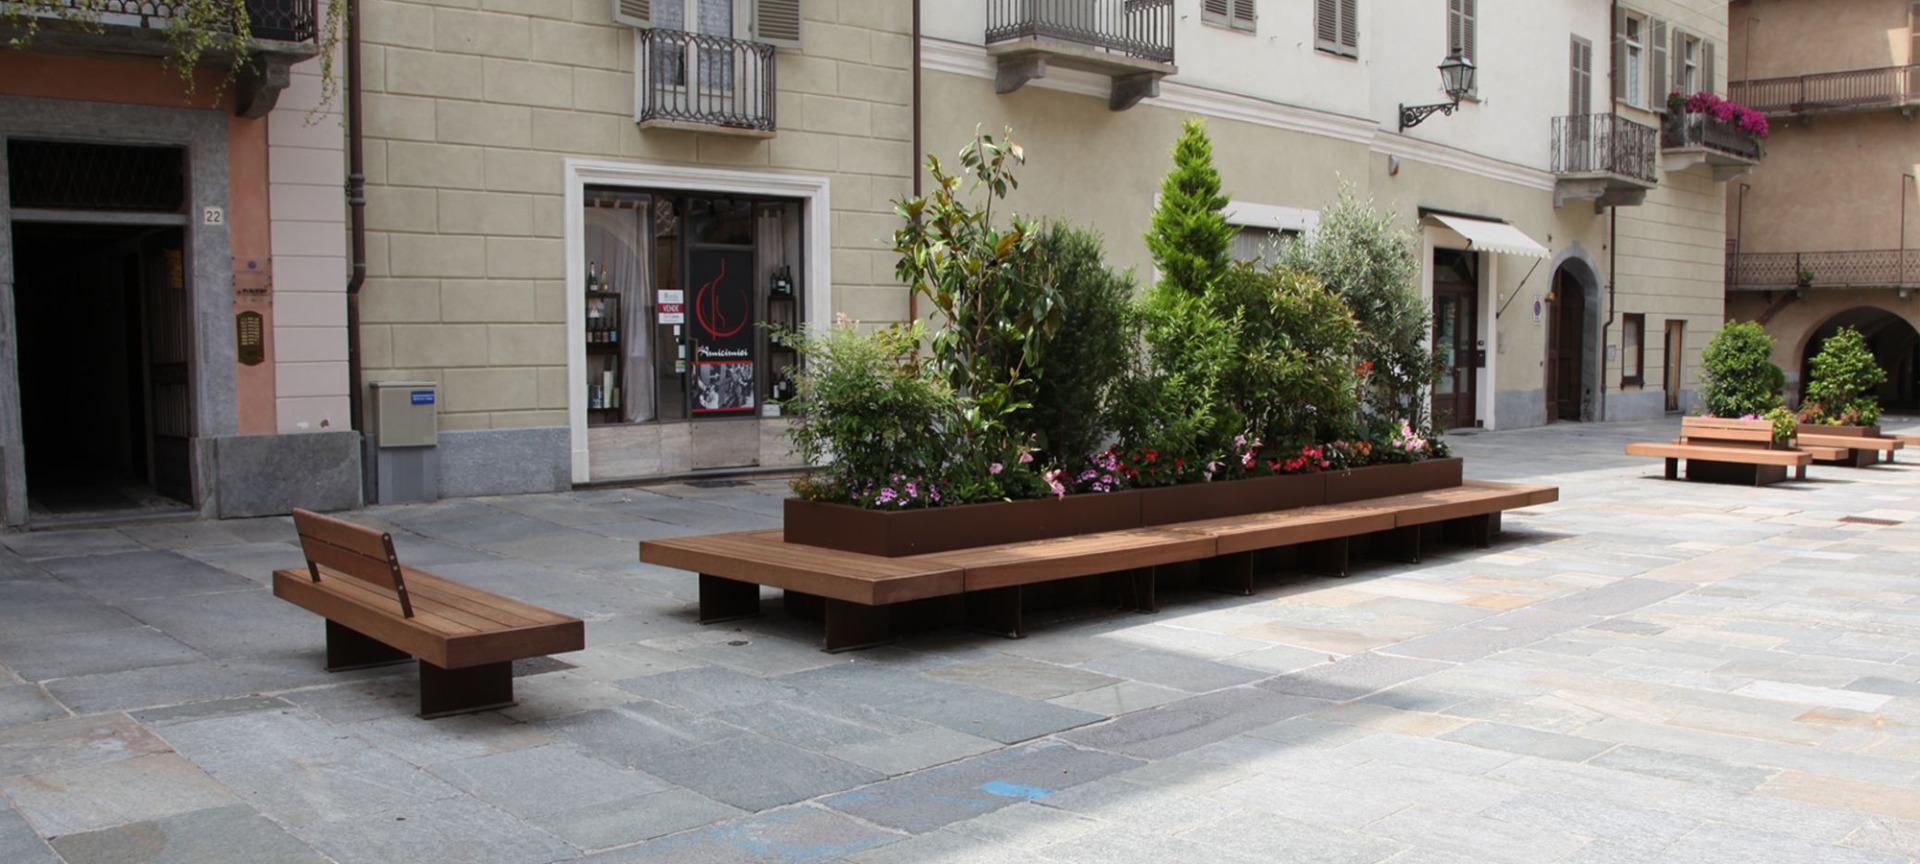 Cuneo City